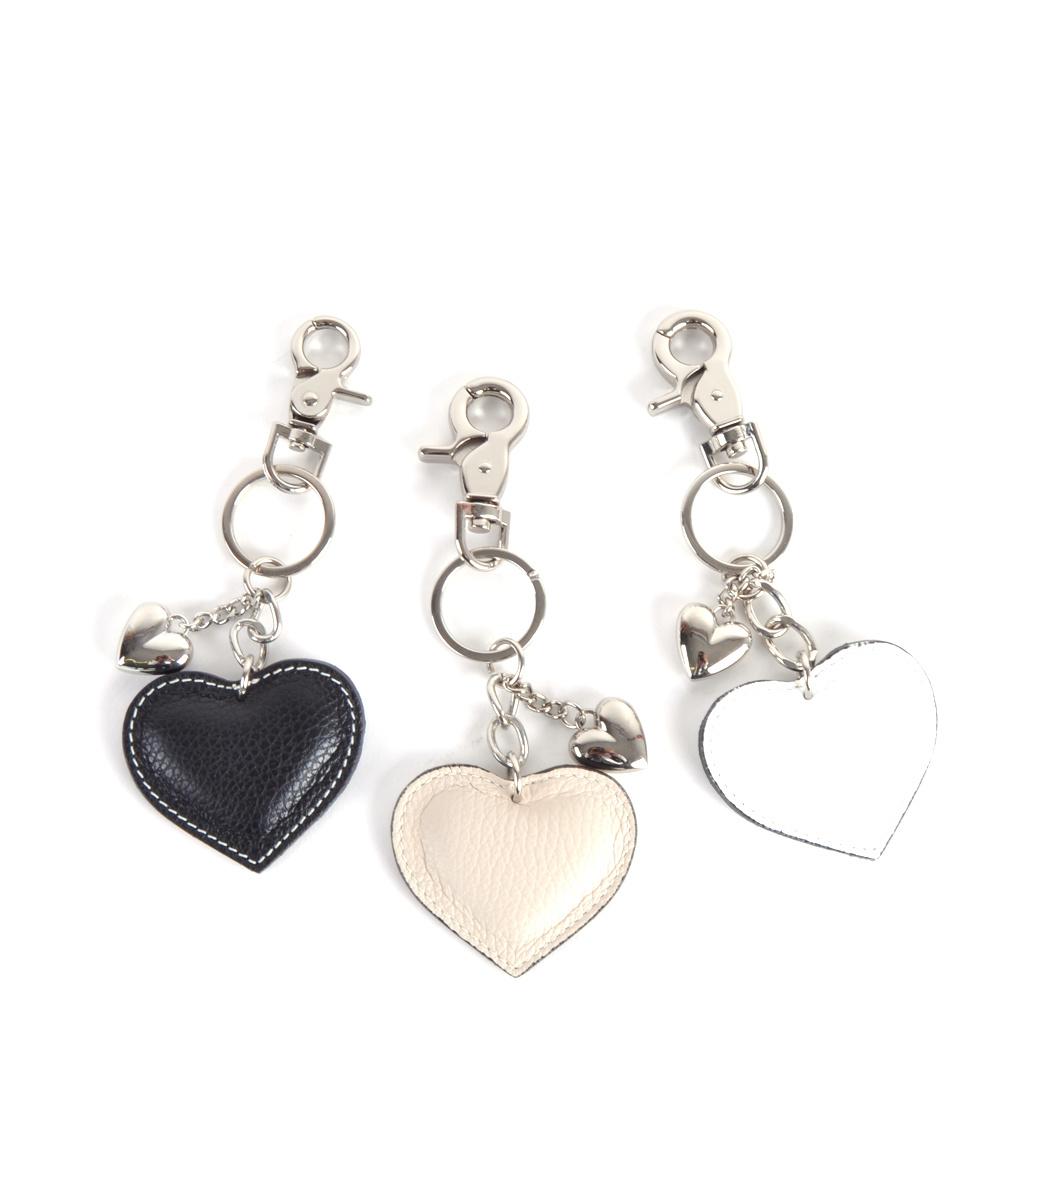 Leren-sleutelhanger-hartjes-zwart-zwarte- beige wit witte leder-leer tassen hangers zilveren-sleutel-hangers-online-bestellen